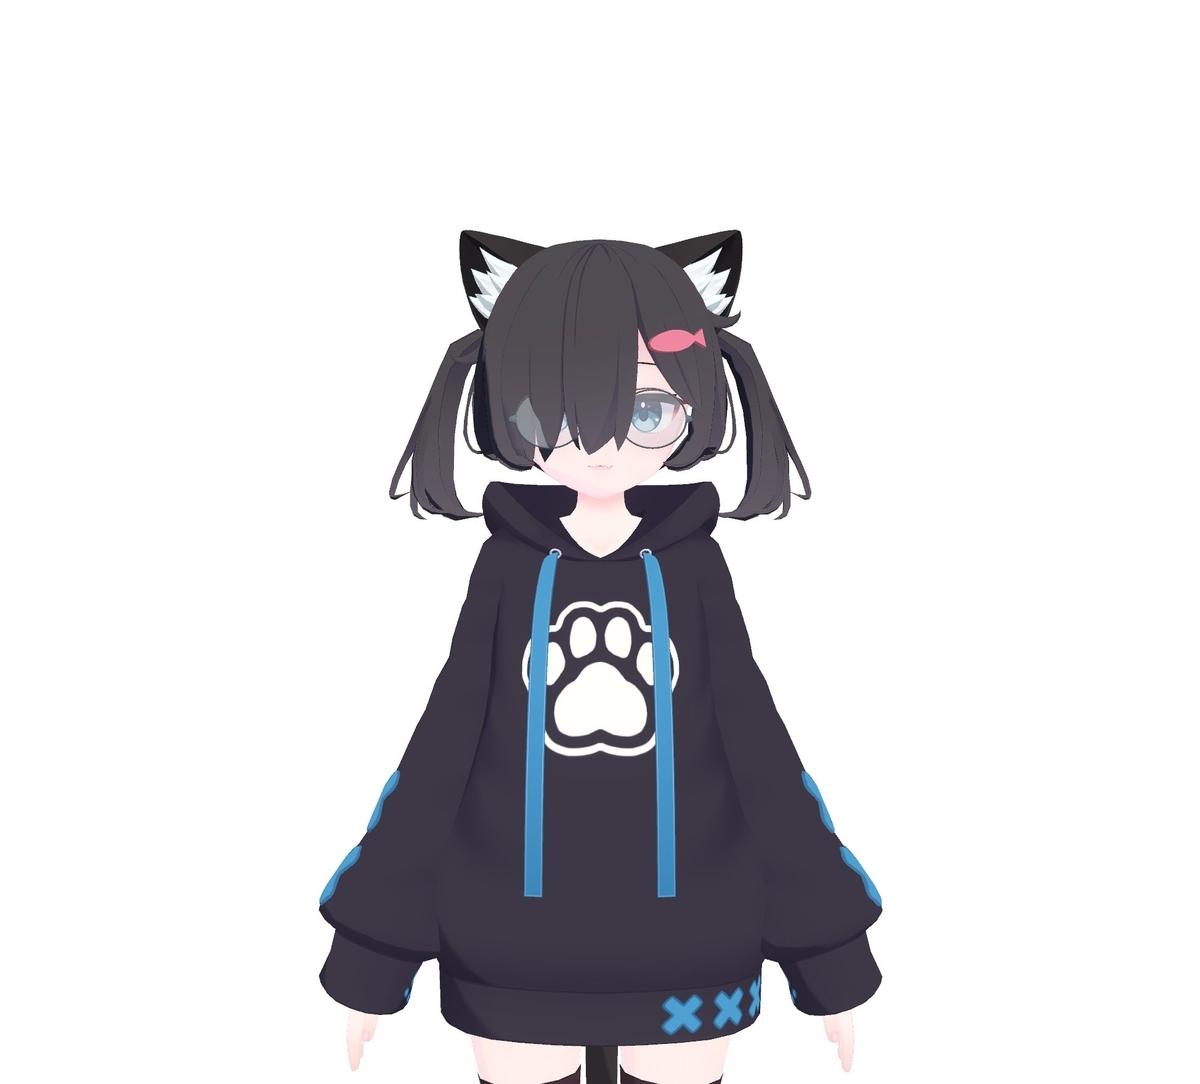 f:id:Onogames:20210502195341j:plain